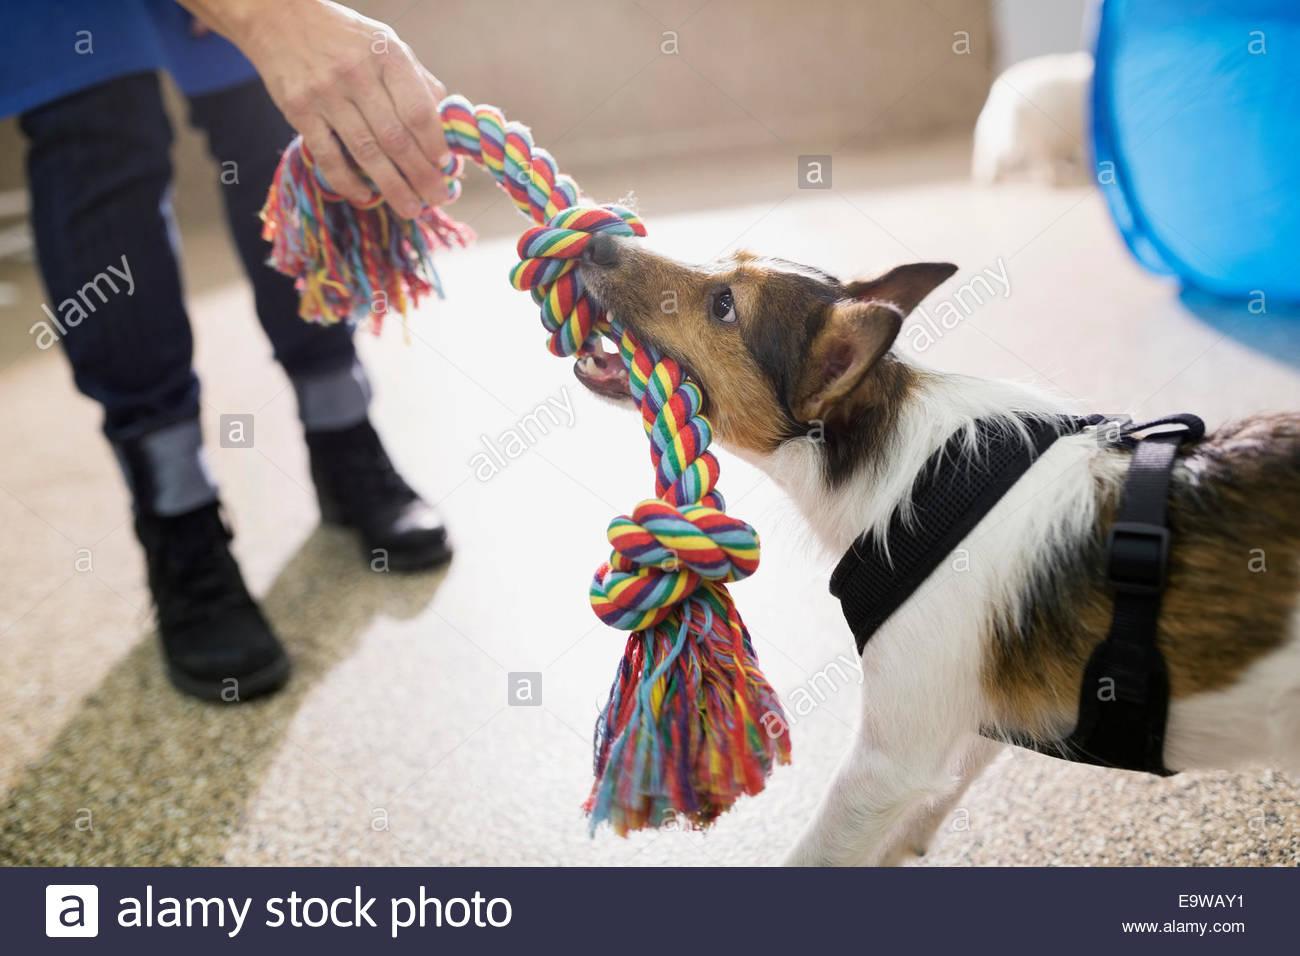 Perro y mujer jugando tug-of-war Imagen De Stock